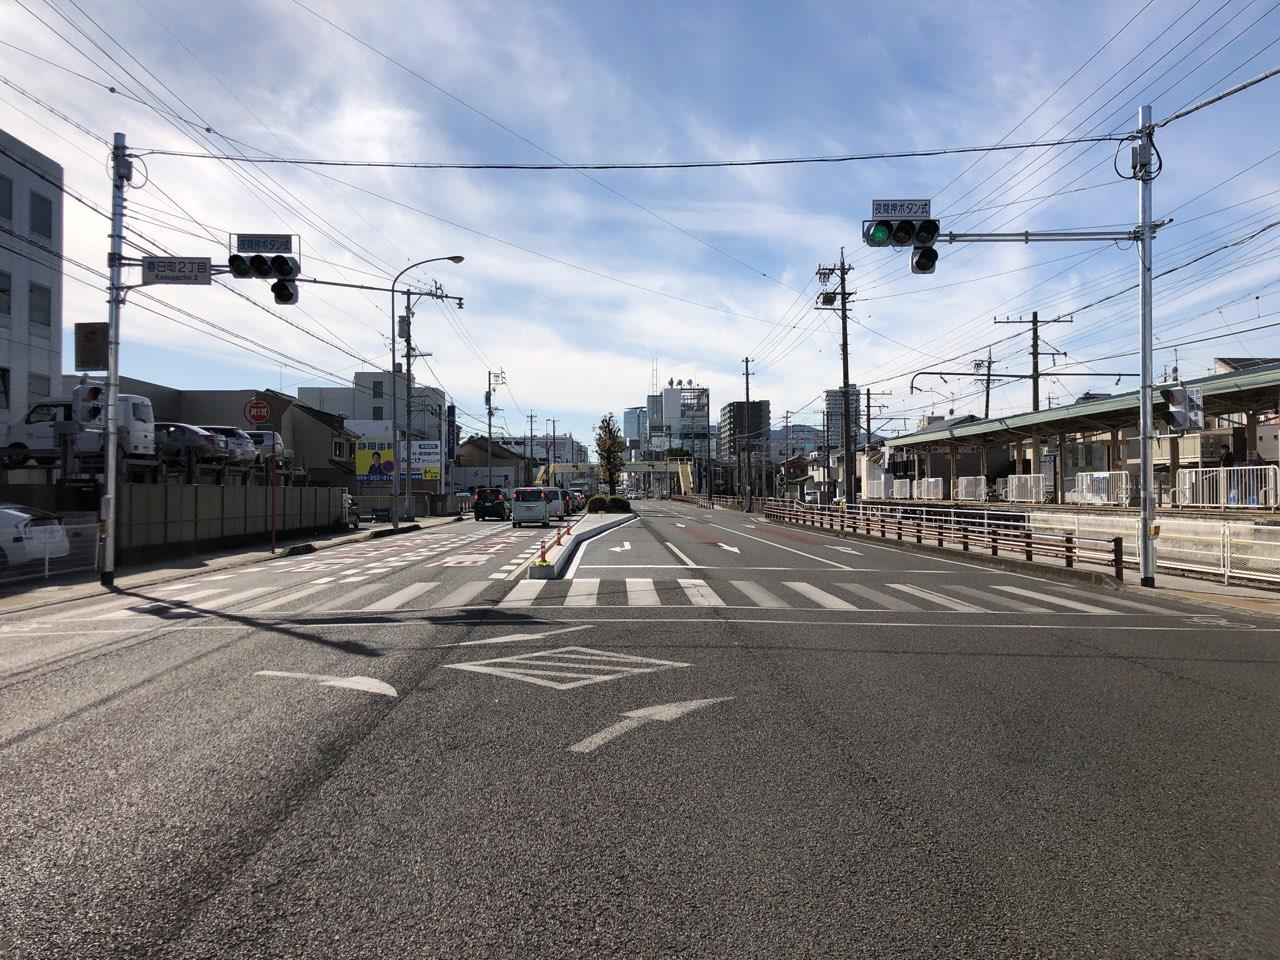 令和2年度 静岡国道管内事故対策整備工事